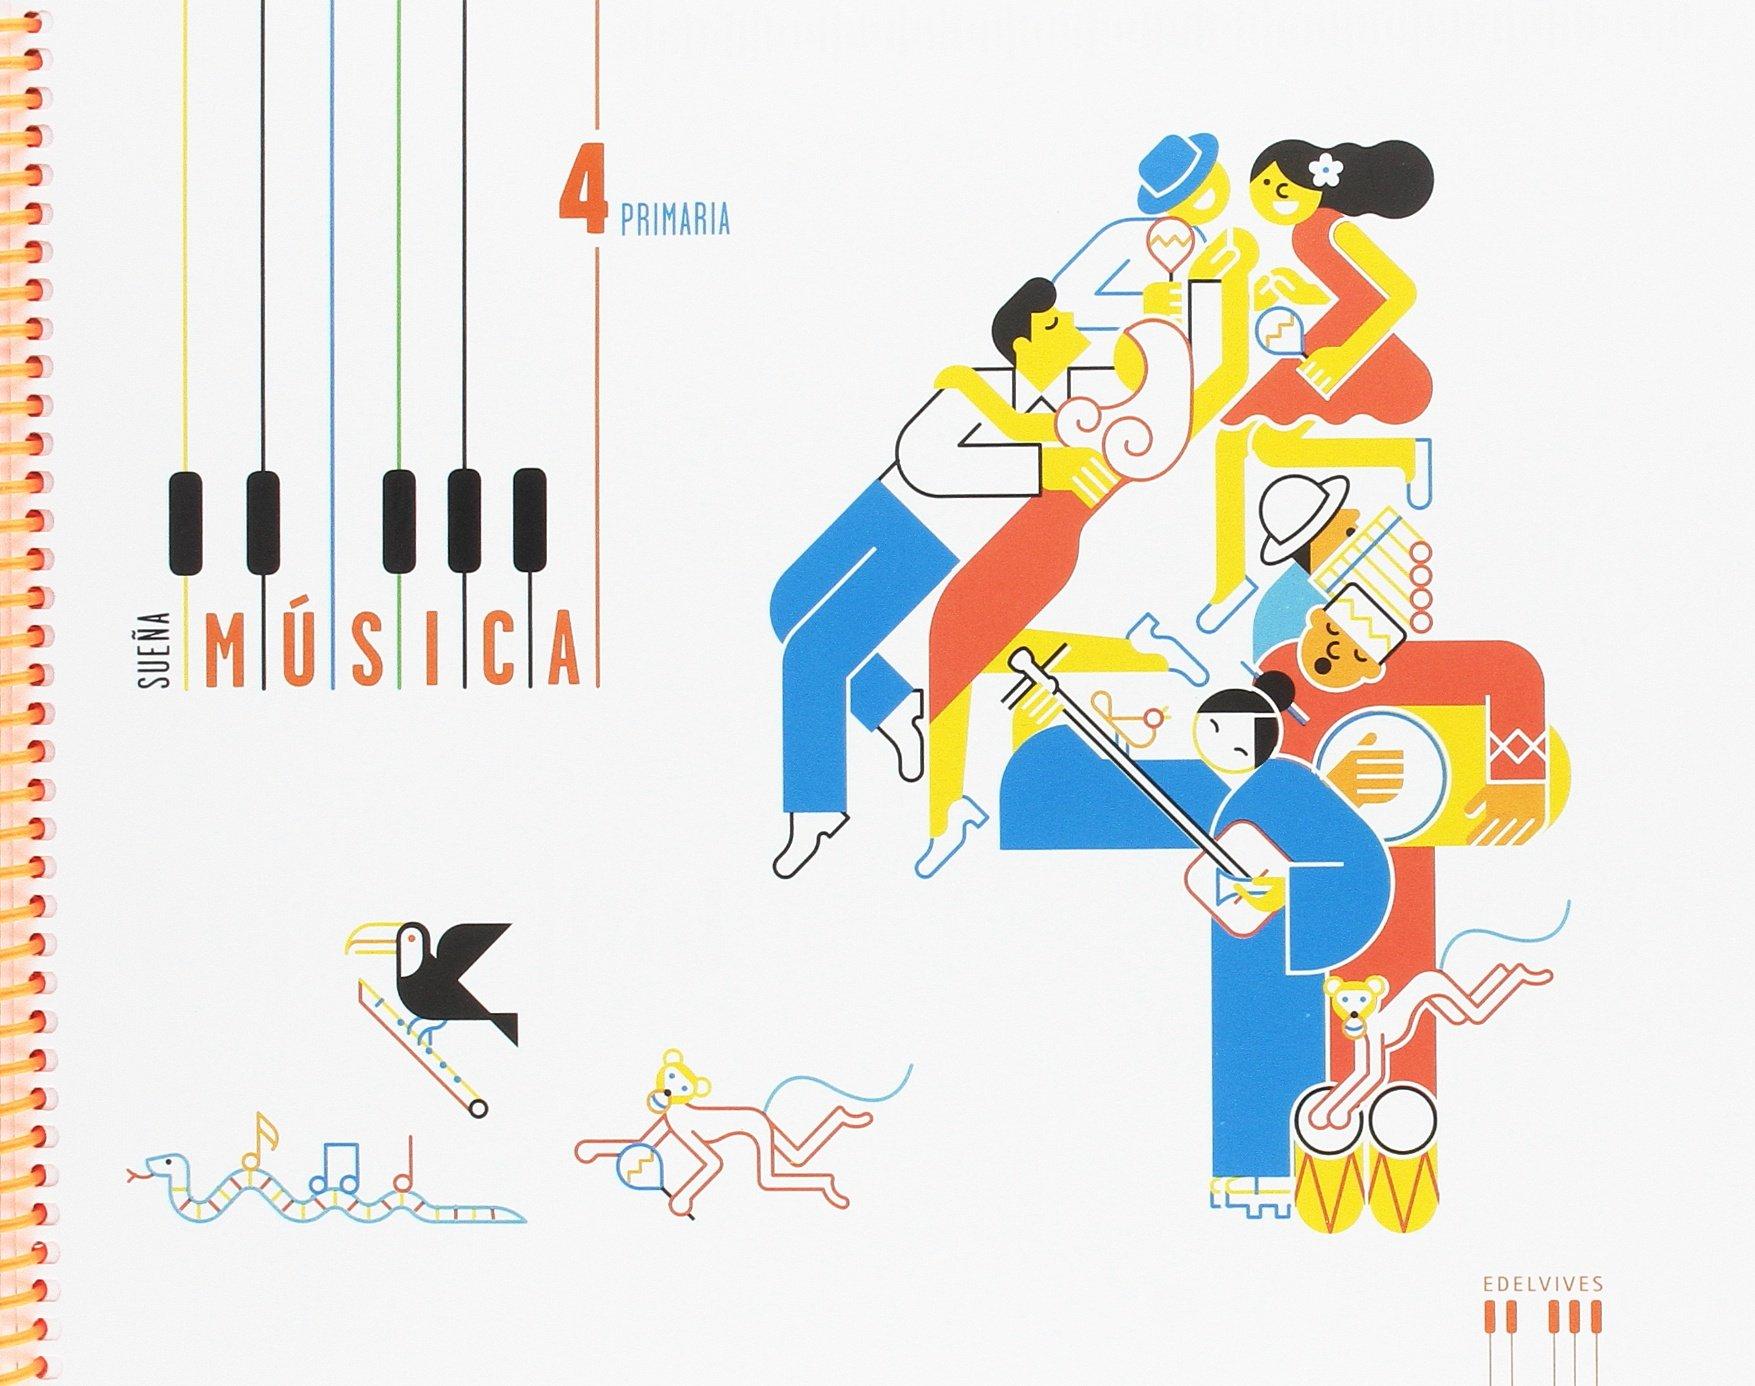 Música 4º Primaria: (Libro + cuaderno) (Sueña música): Amazon.es: Carlos Enrique del Valle Mateos, Félix Jesús Cabrerizo Gutiérrez: Libros